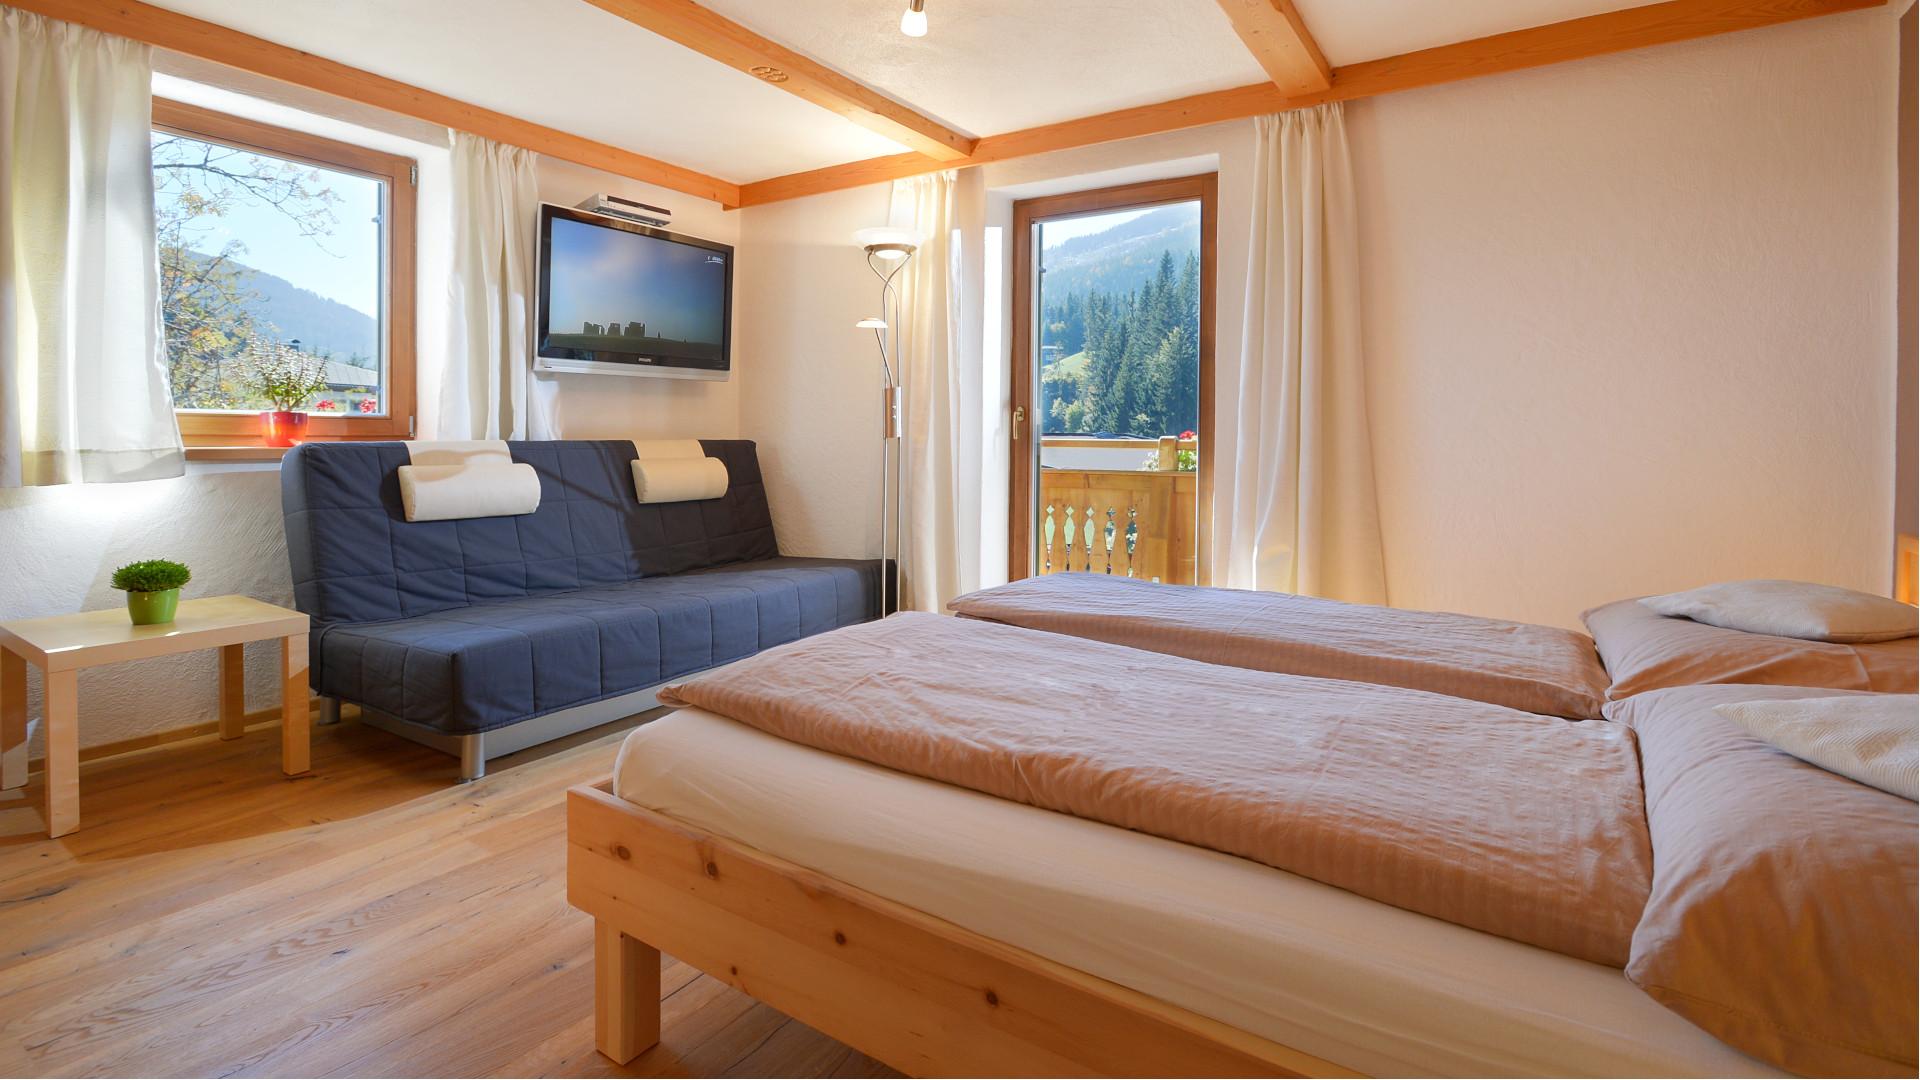 Hartkaiser Schlafzimmer 3 1920×1080